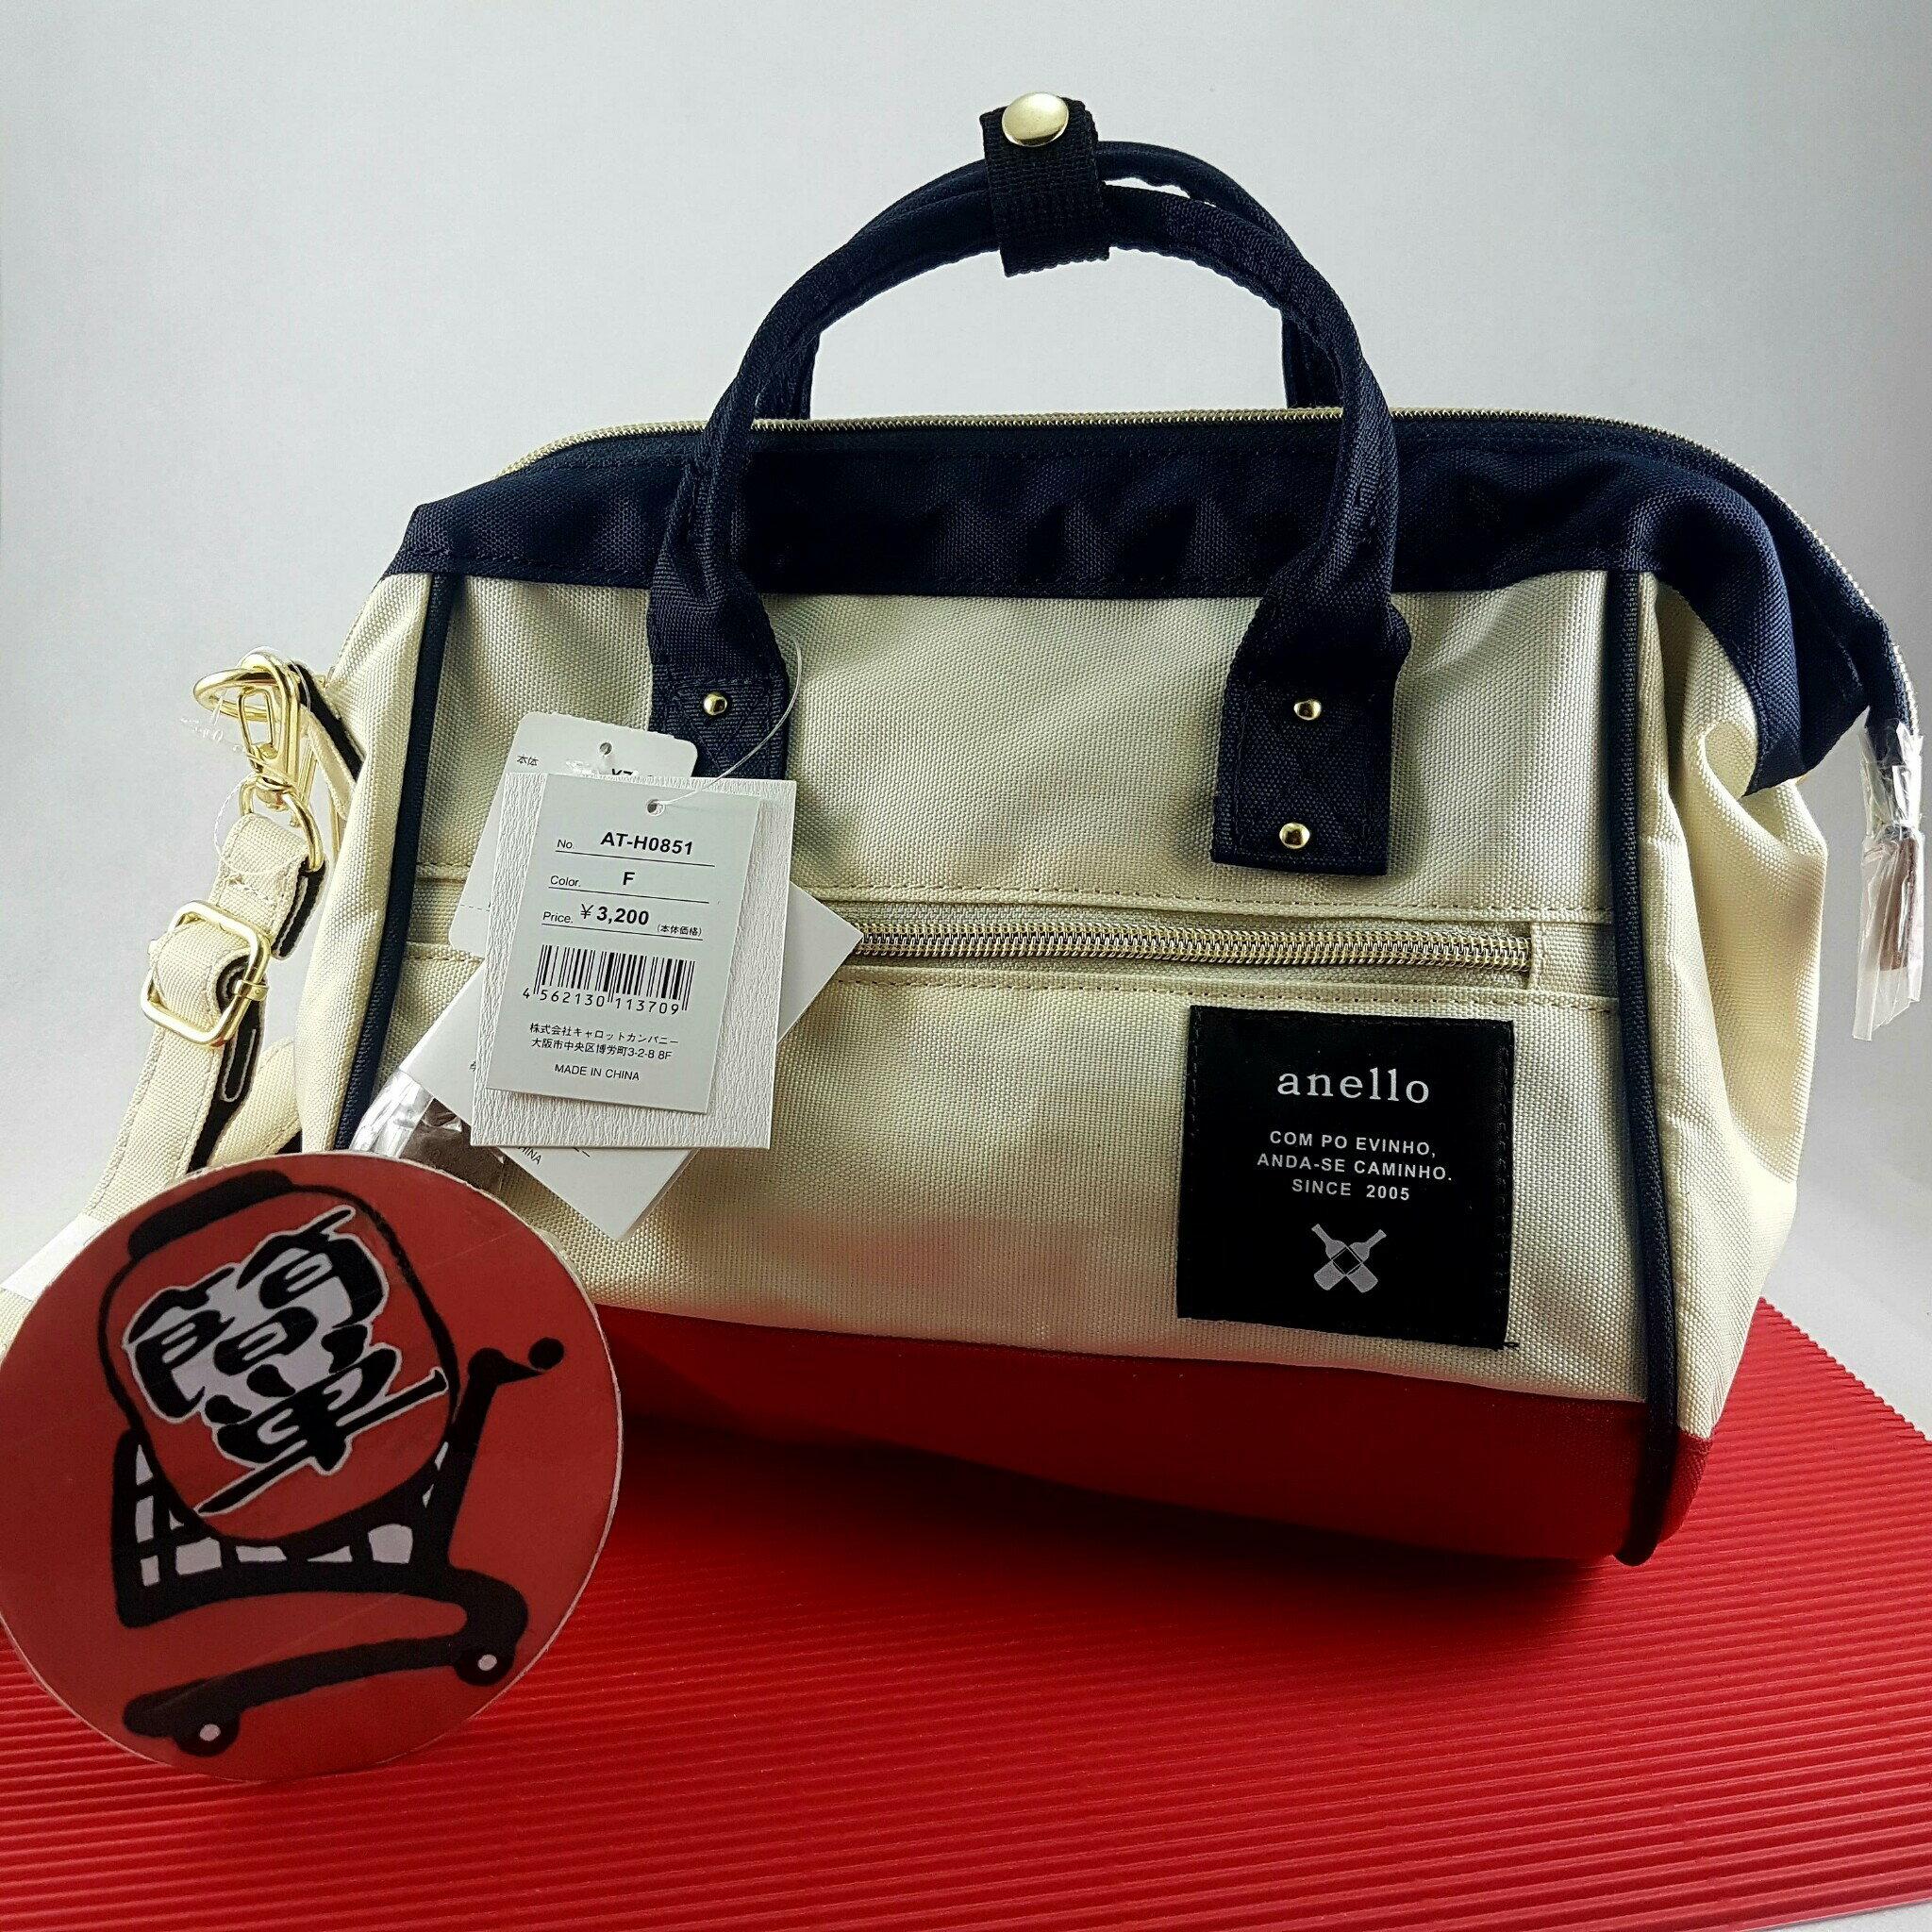 『簡単全球購』小側背-紅白款 anello 新款 側背包、手提包 2WAY 男女通用時尚包 側背包款